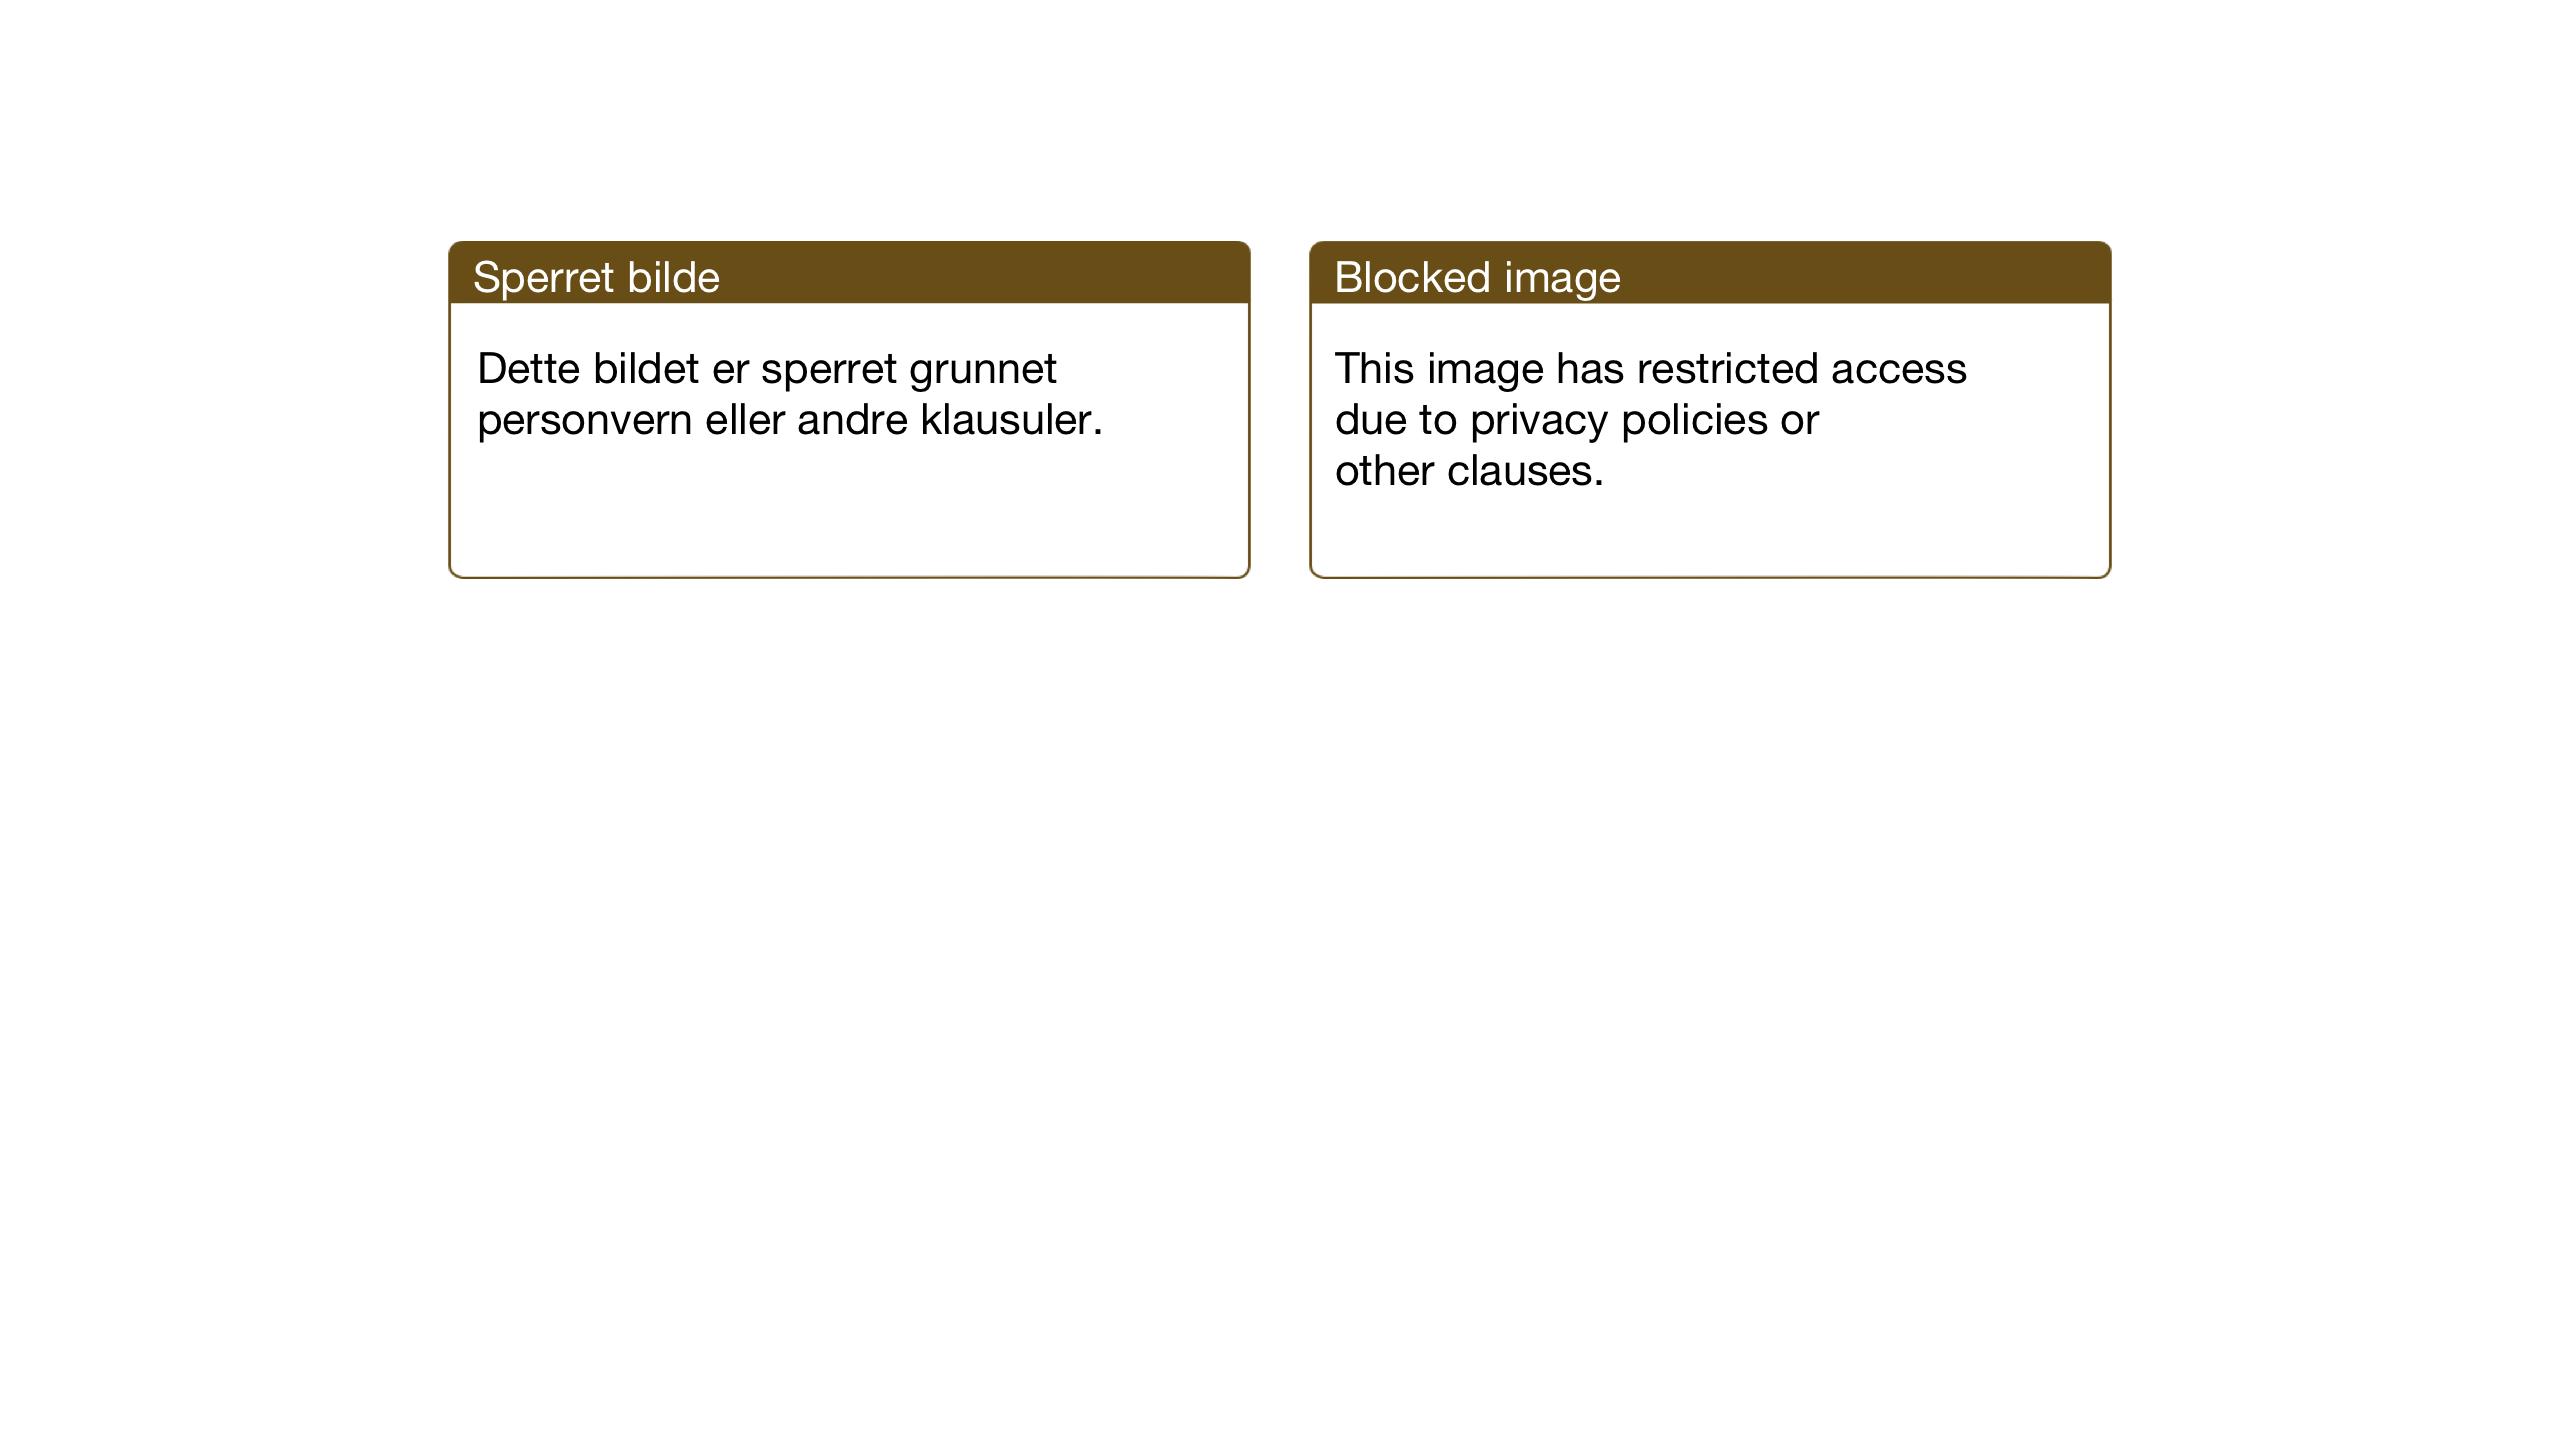 SAT, Ministerialprotokoller, klokkerbøker og fødselsregistre - Sør-Trøndelag, 604/L0210: Ministerialbok nr. 604A30, 1932-1946, s. 32